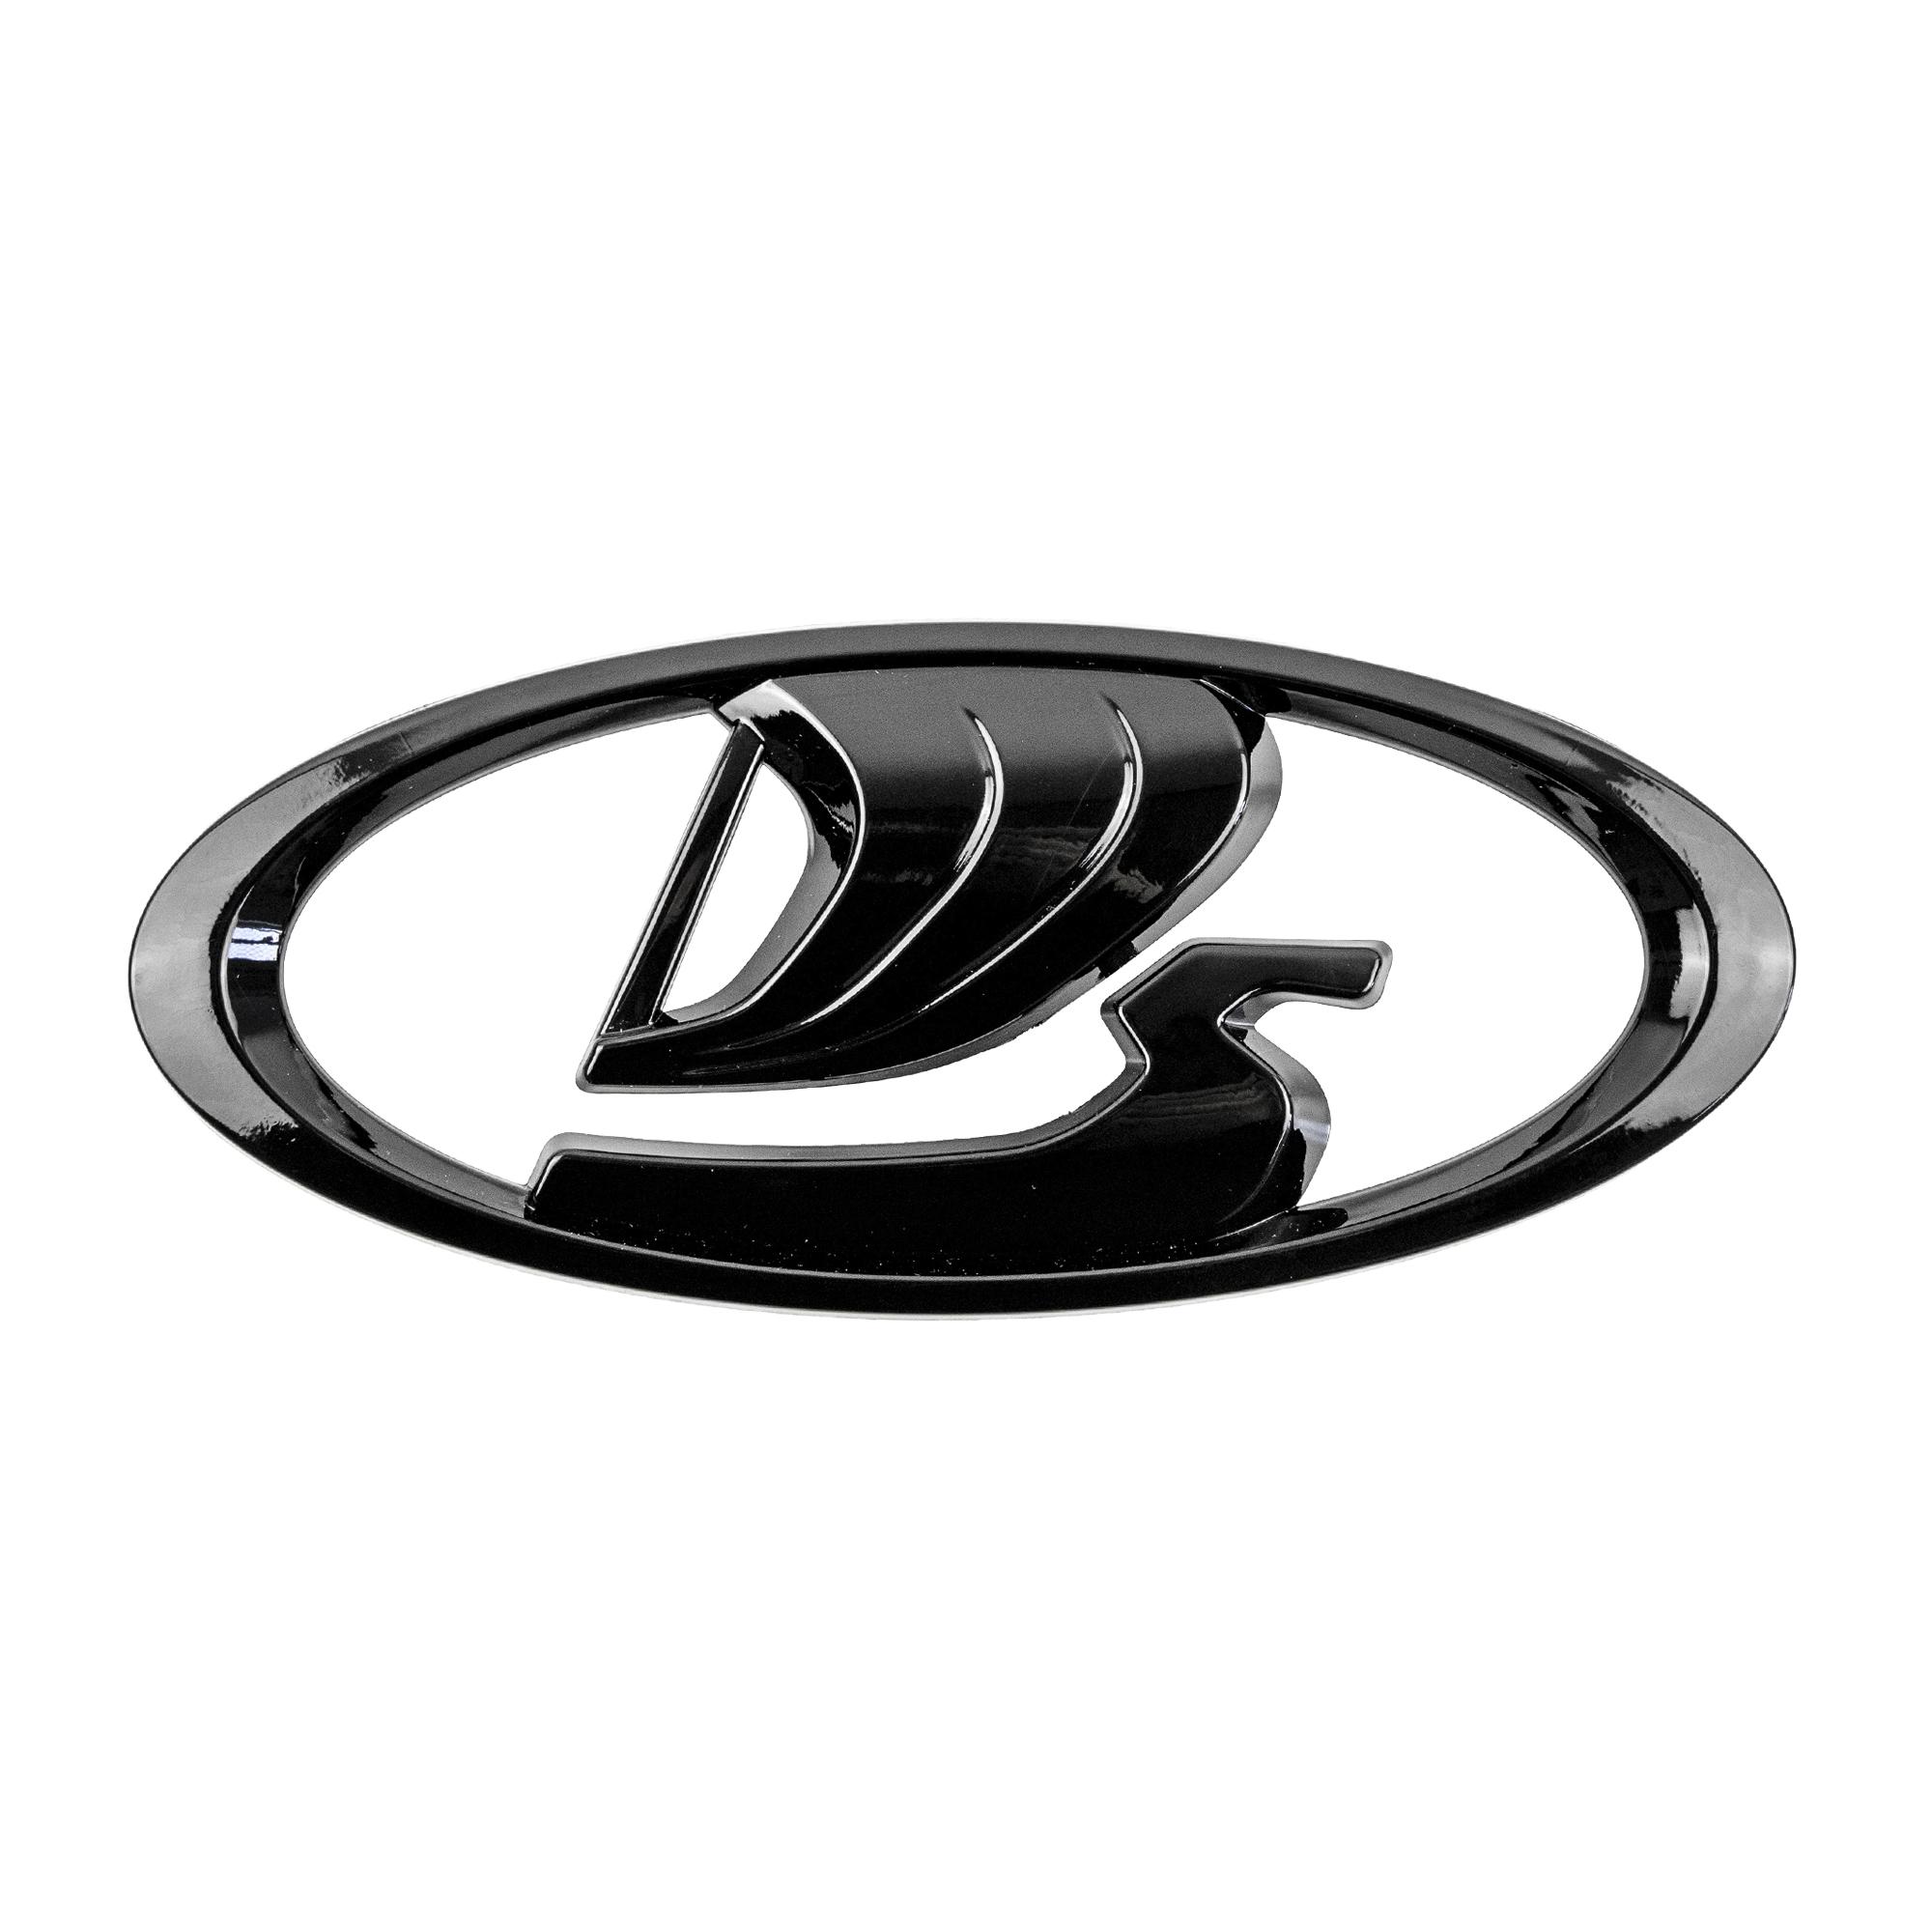 Орнамент задка «LADA» (нового образца на шаблоне) – черный глянец